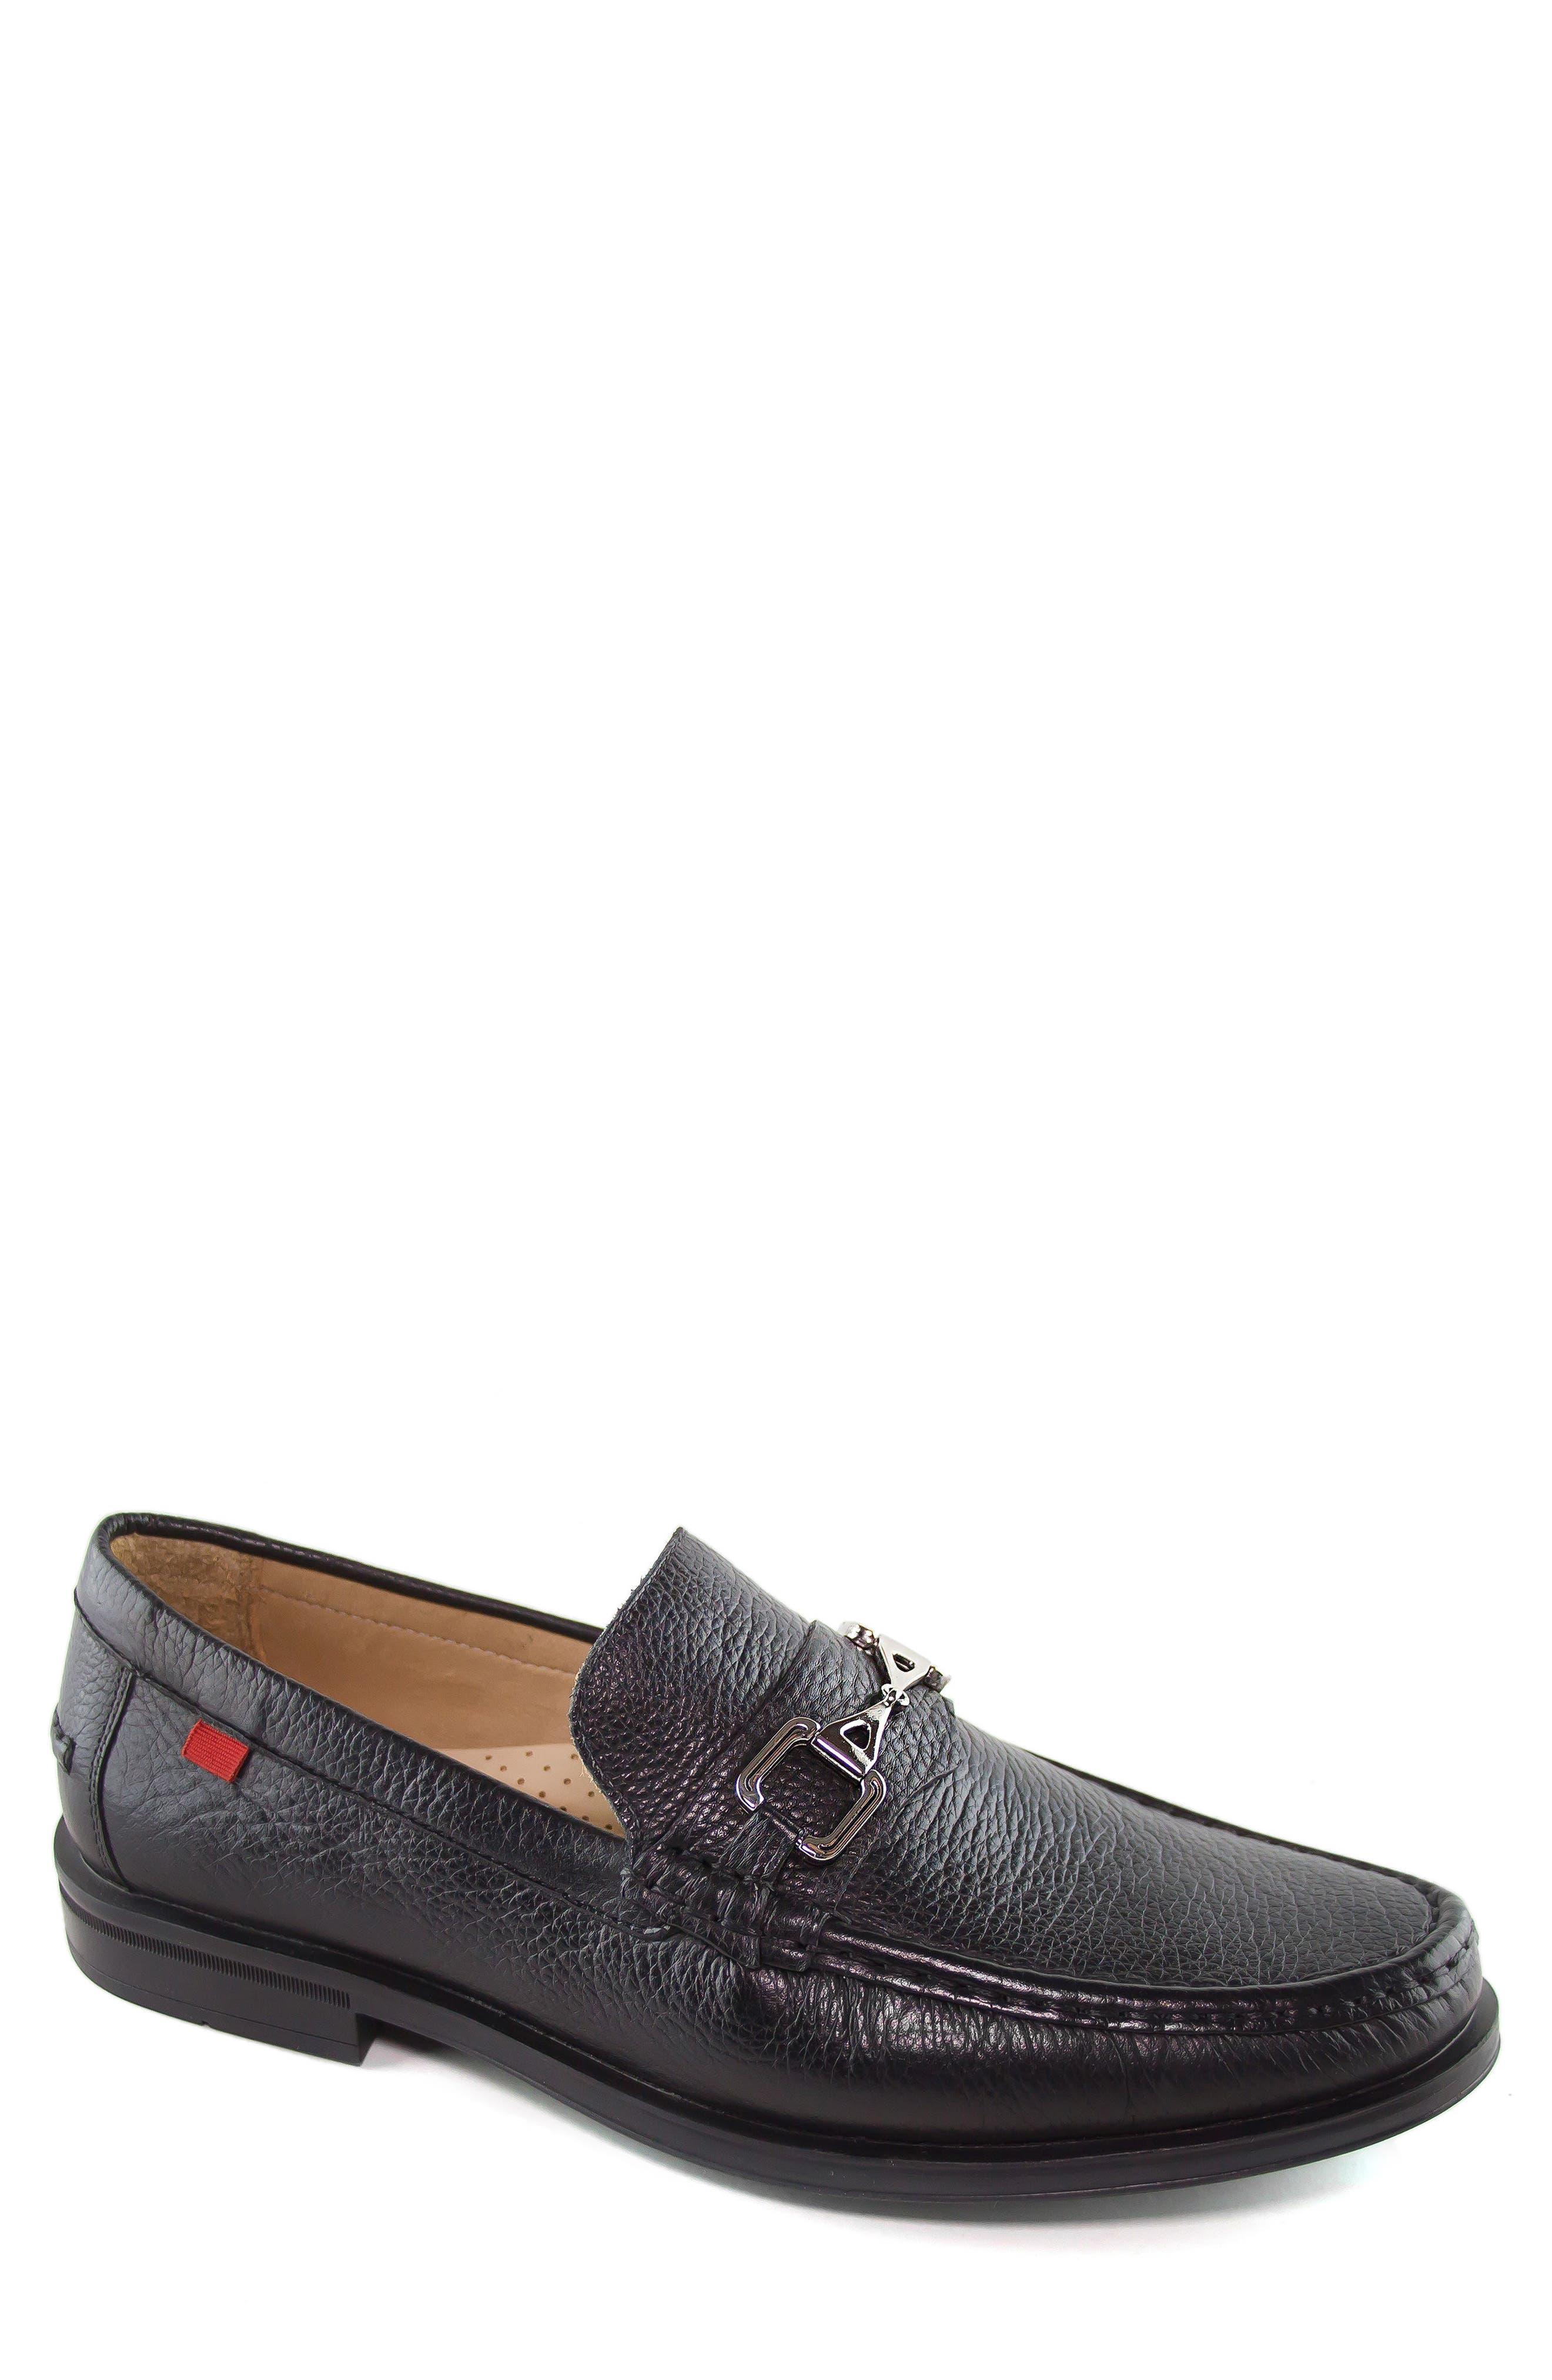 Astoria Bit Loafer,                         Main,                         color, Black